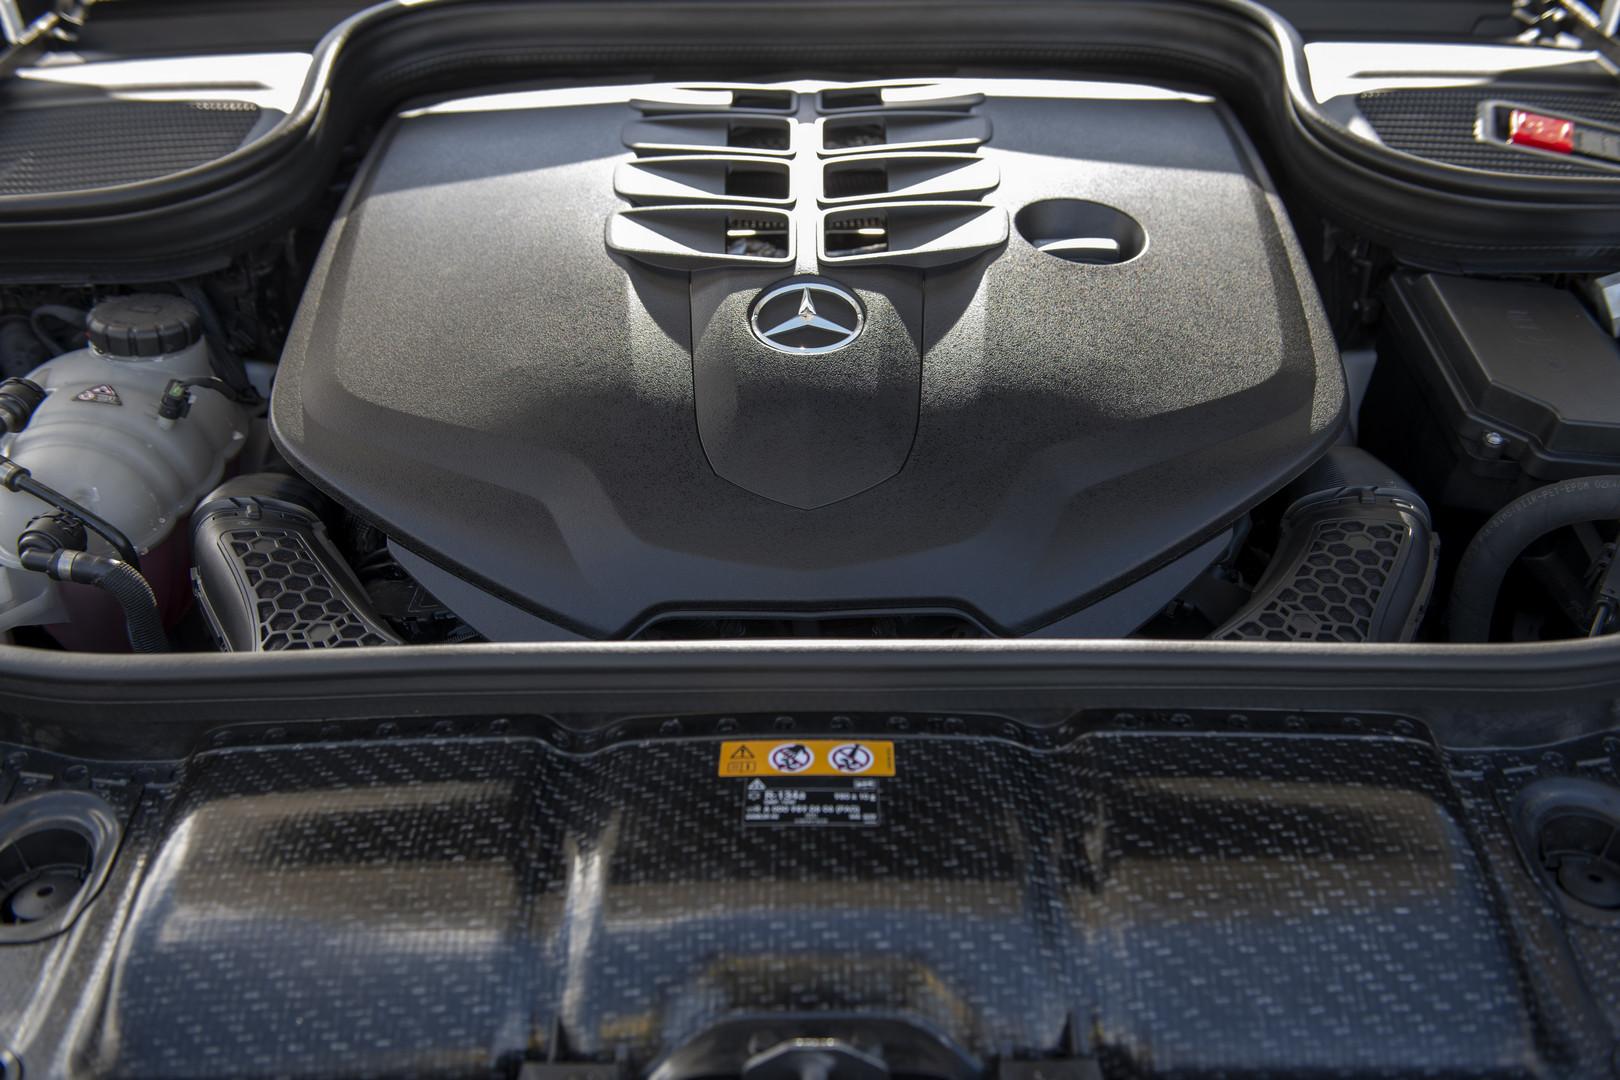 2020 Mercedes-Benz GLS 580 Engine